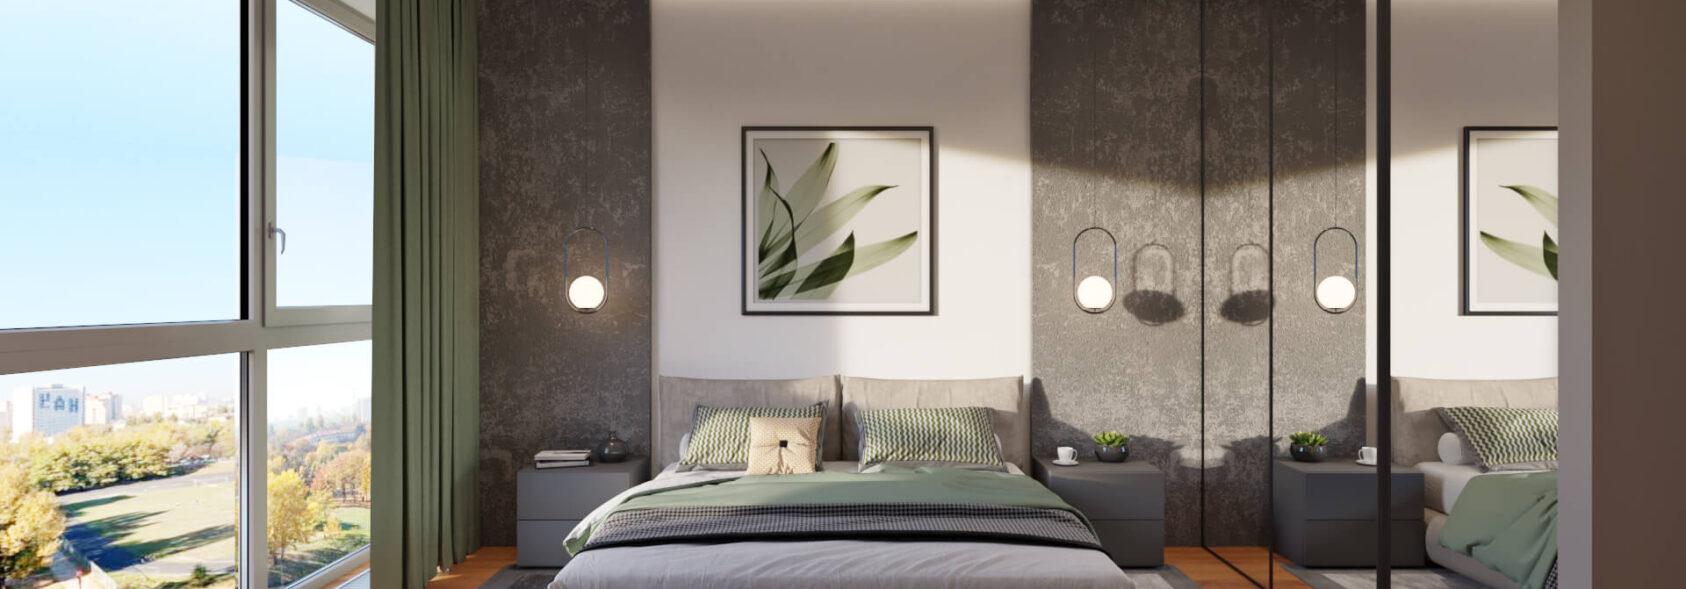 Дизайн квартиры Днепр спальня